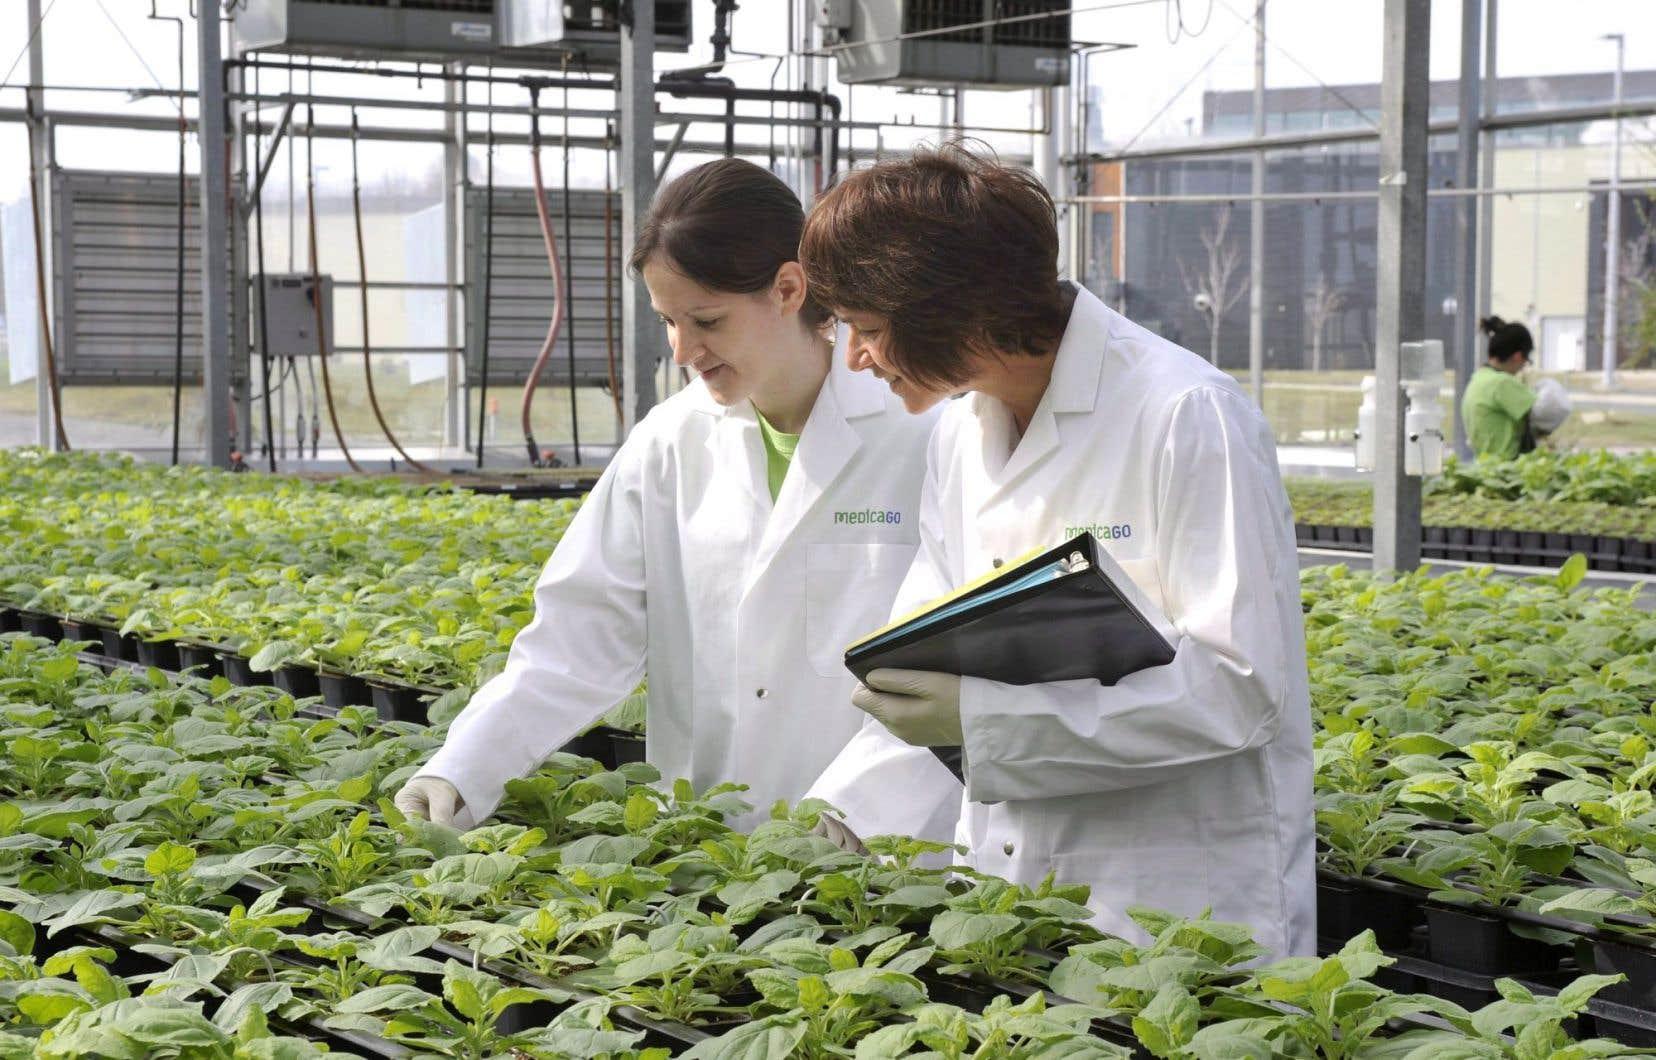 Medicago se spécialise dans la fabrication de vaccins et de traitements thérapeutiques à base de plantes.